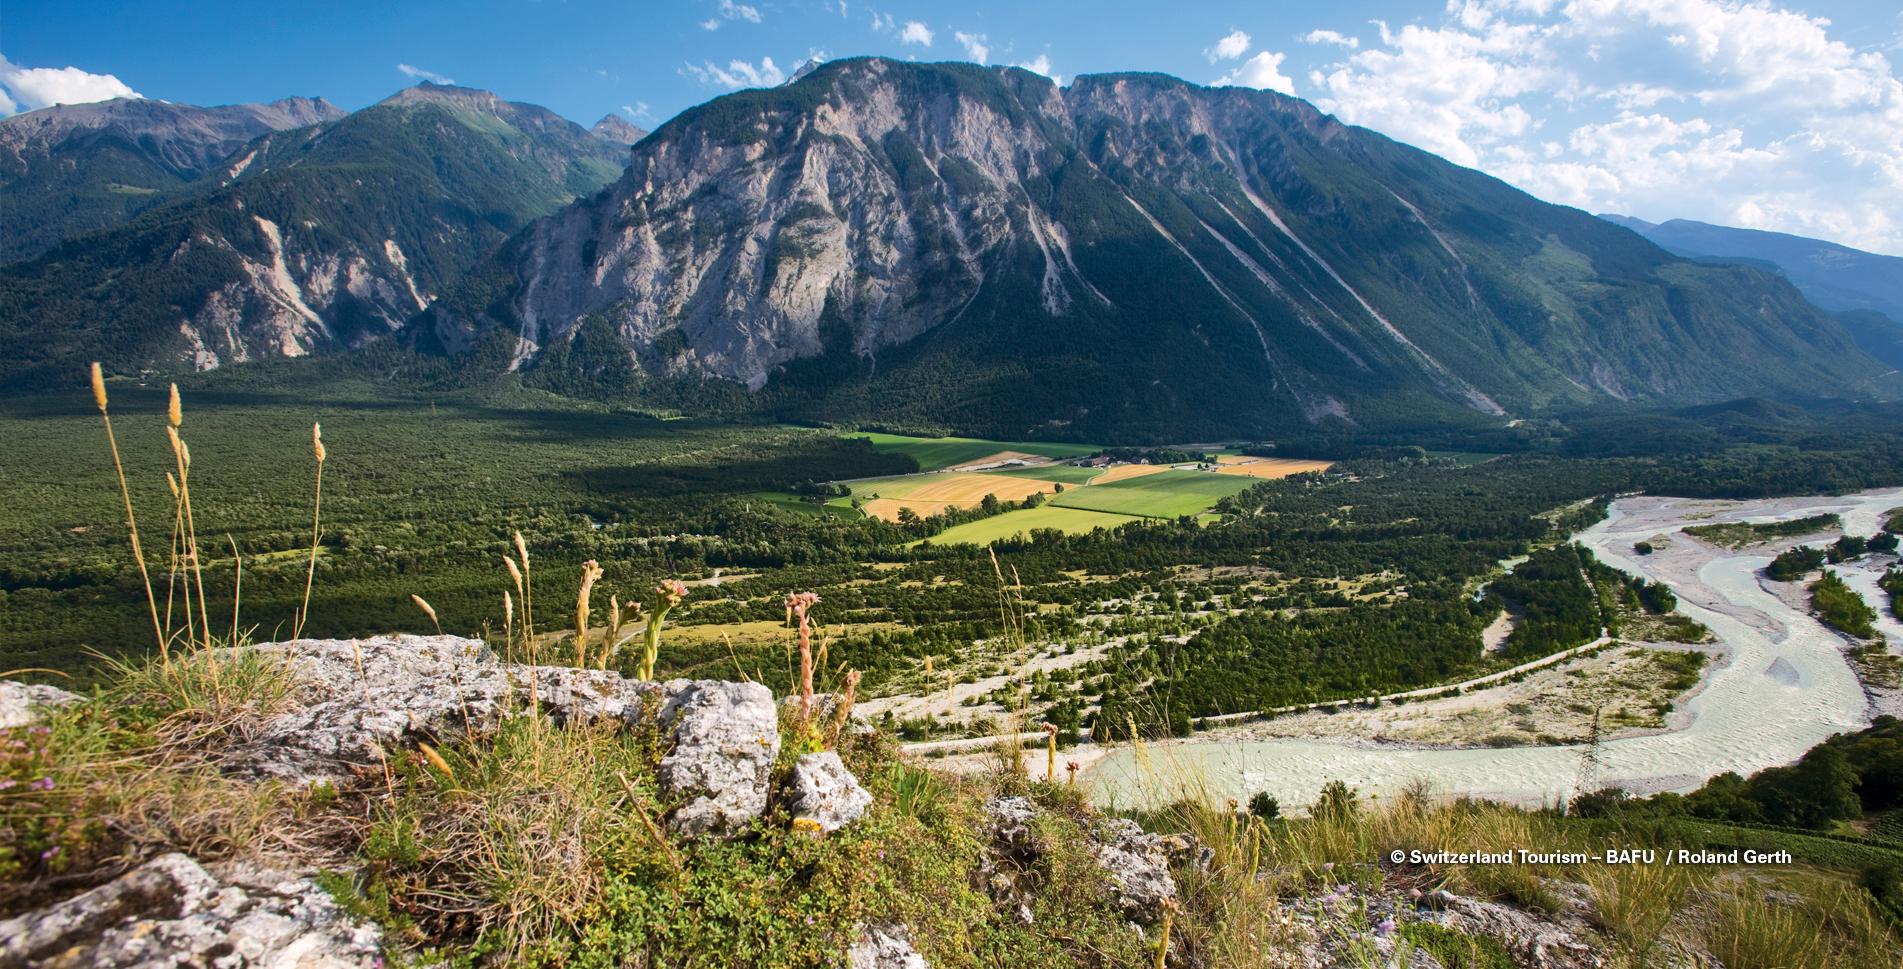 Wanderung von Sierre im Wallis in den Naturpark Pfyn-Finges via Pfynwald, Rosensee, L'Ermitage, Pfafforetsee, Pfyndenkmal, Illgraben zur Bhutan Hängebrücke nach Leuk